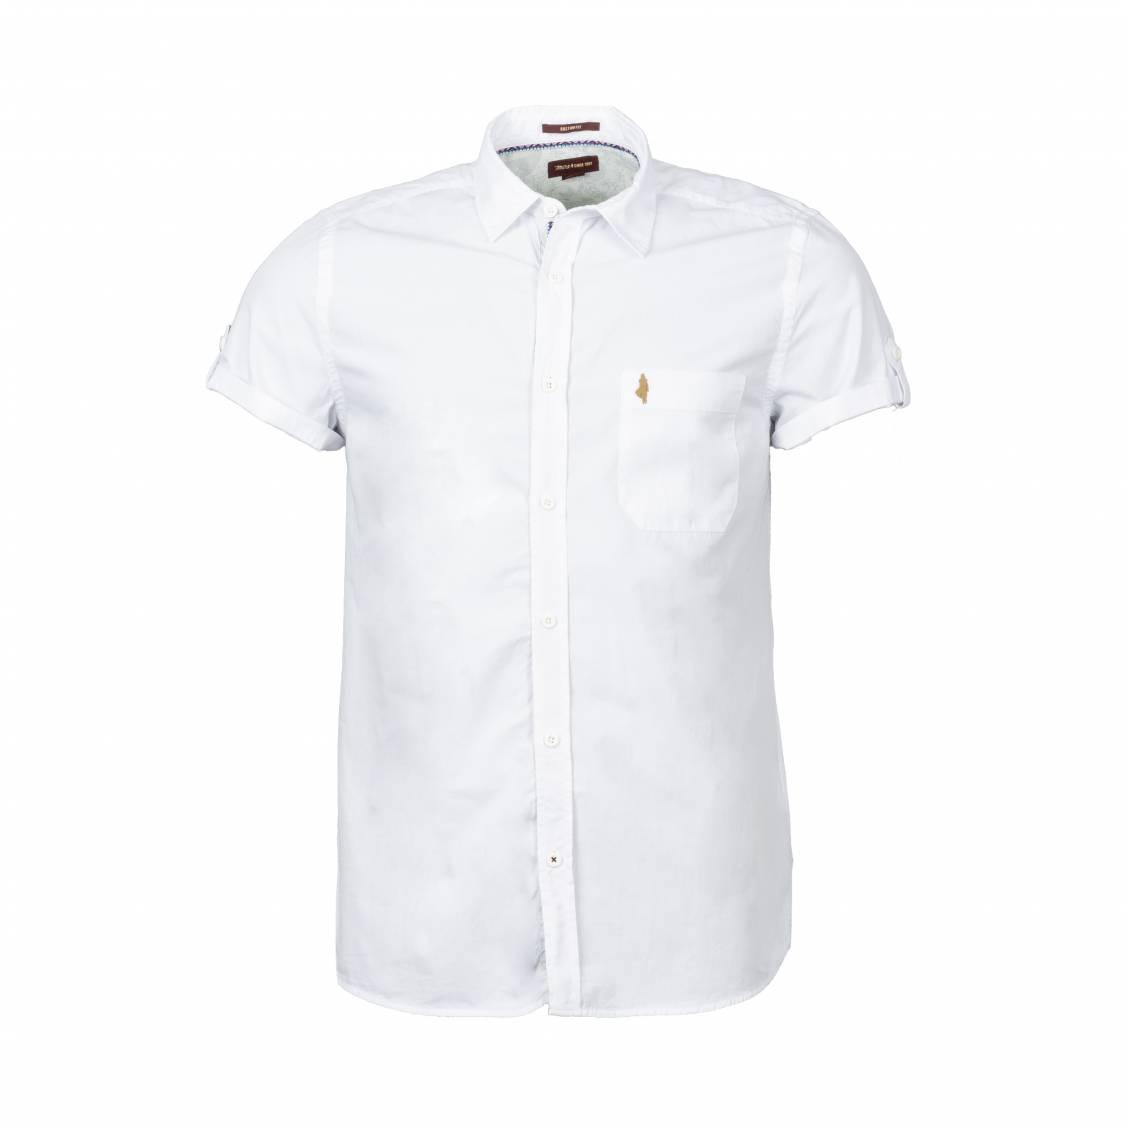 Chemise manches courtes coupe ajustée MCS en coton blanc